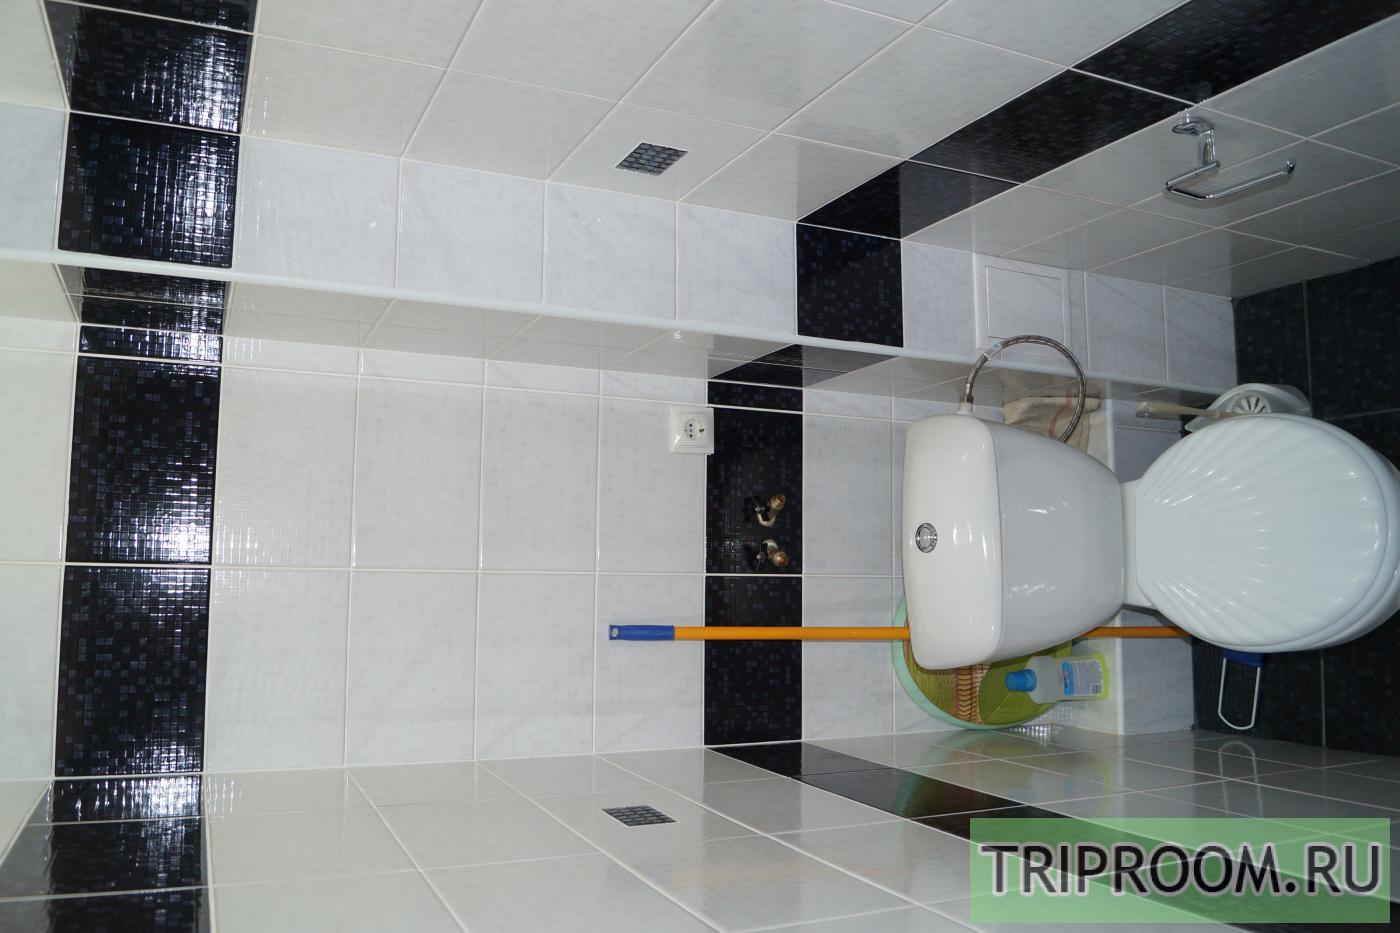 2-комнатная квартира посуточно (вариант № 8512), ул. Урицкого улица, фото № 8